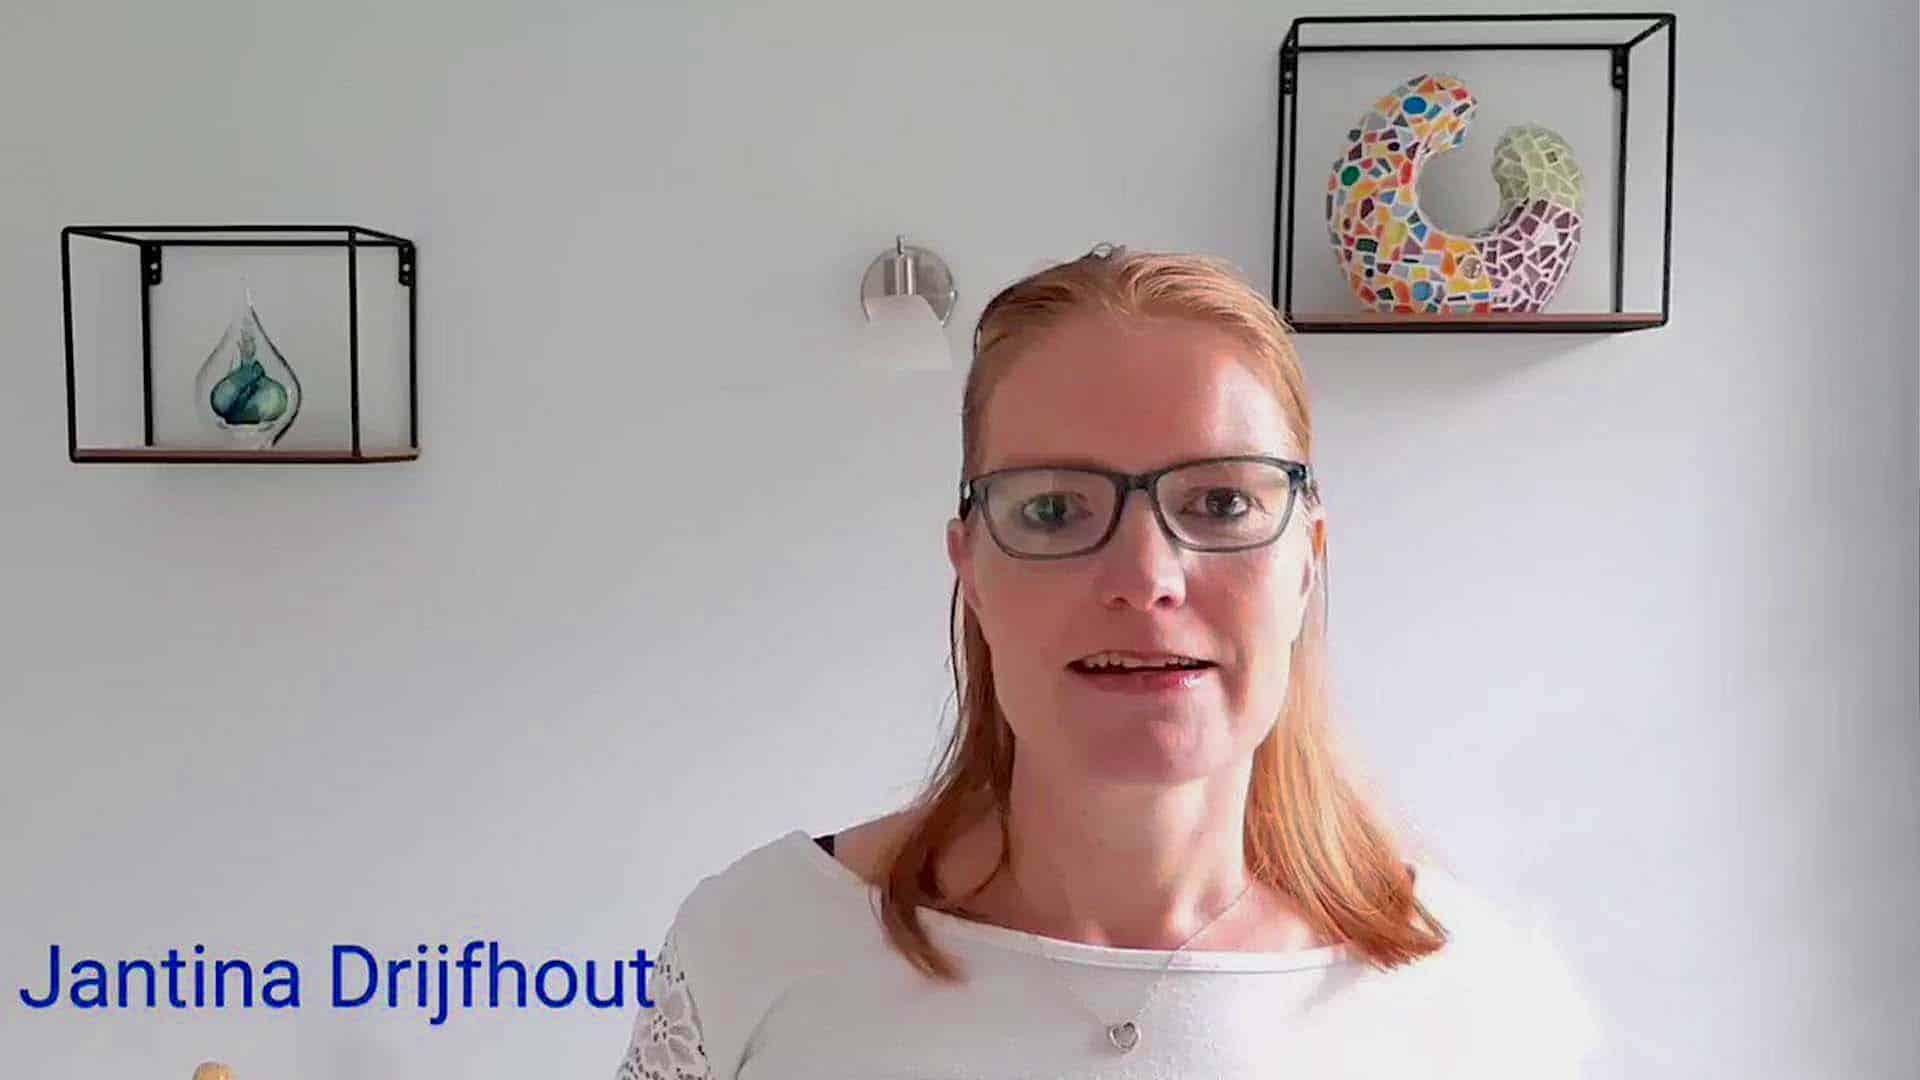 Jantina Drijfhoutkopie